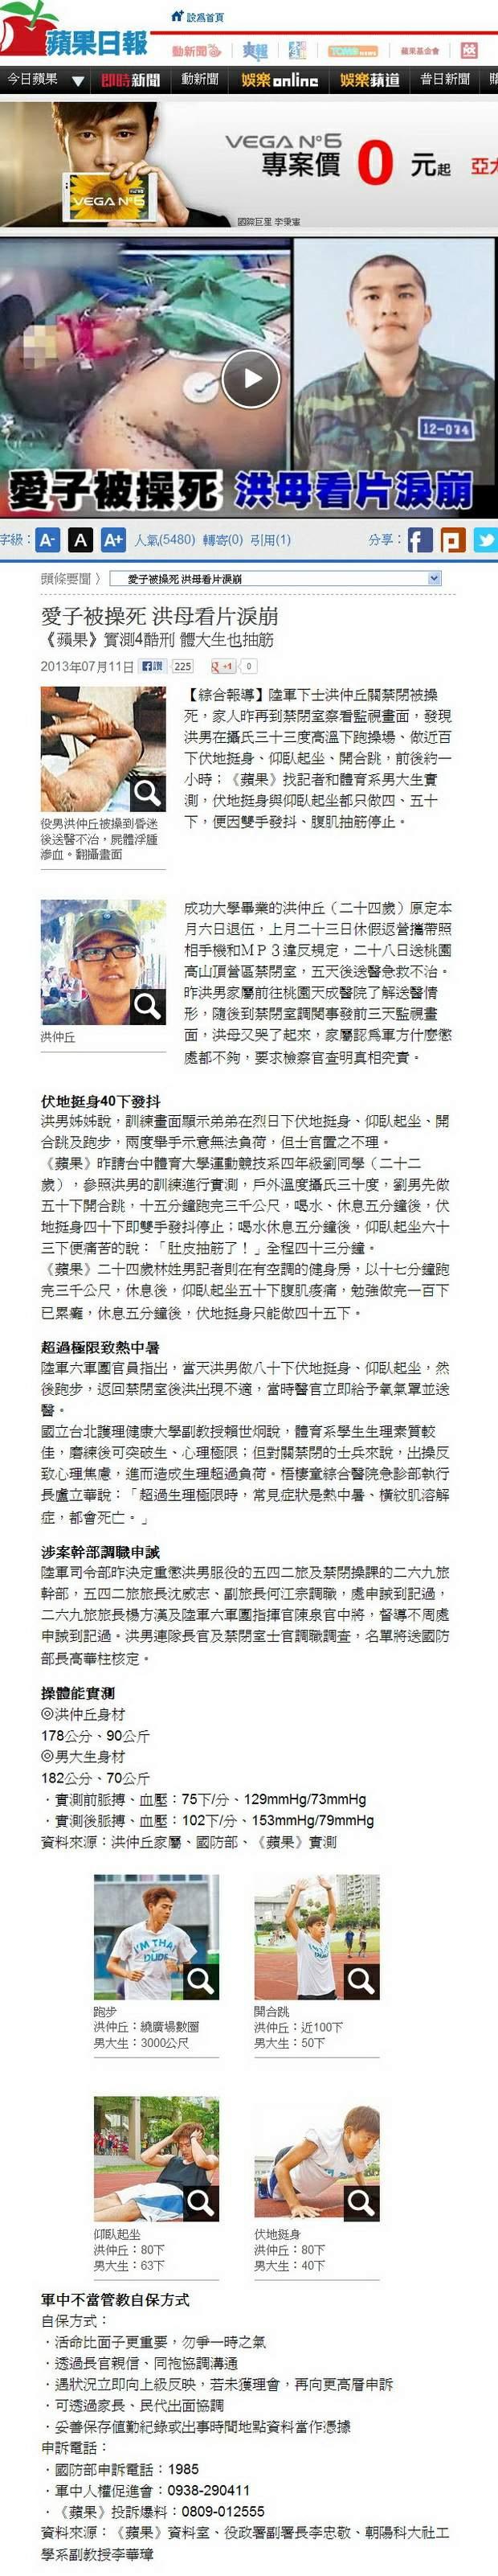 愛子被操死 洪母看片淚崩-2013.07.11.jpg